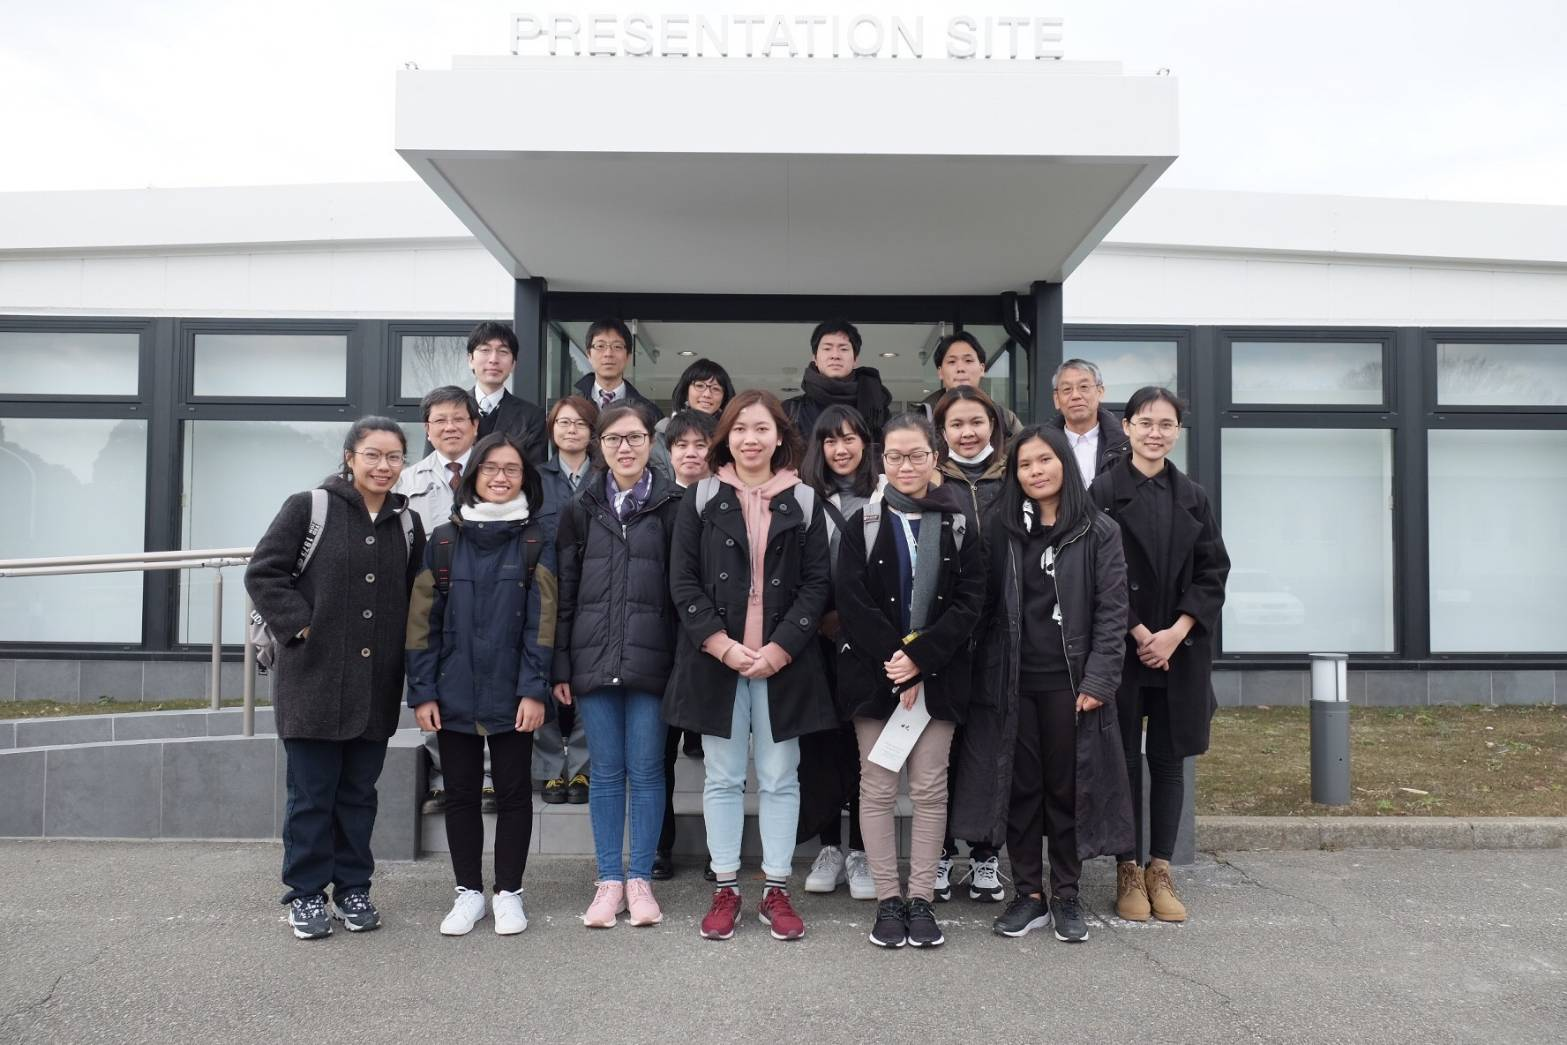 ความร่วมมือการแลกเปลี่ยนนักศึกษาระหว่างมหาวิทยาลัยสยาม กับมหาวิทยาลัยจิบะ ประเทศญี่ปุ่น